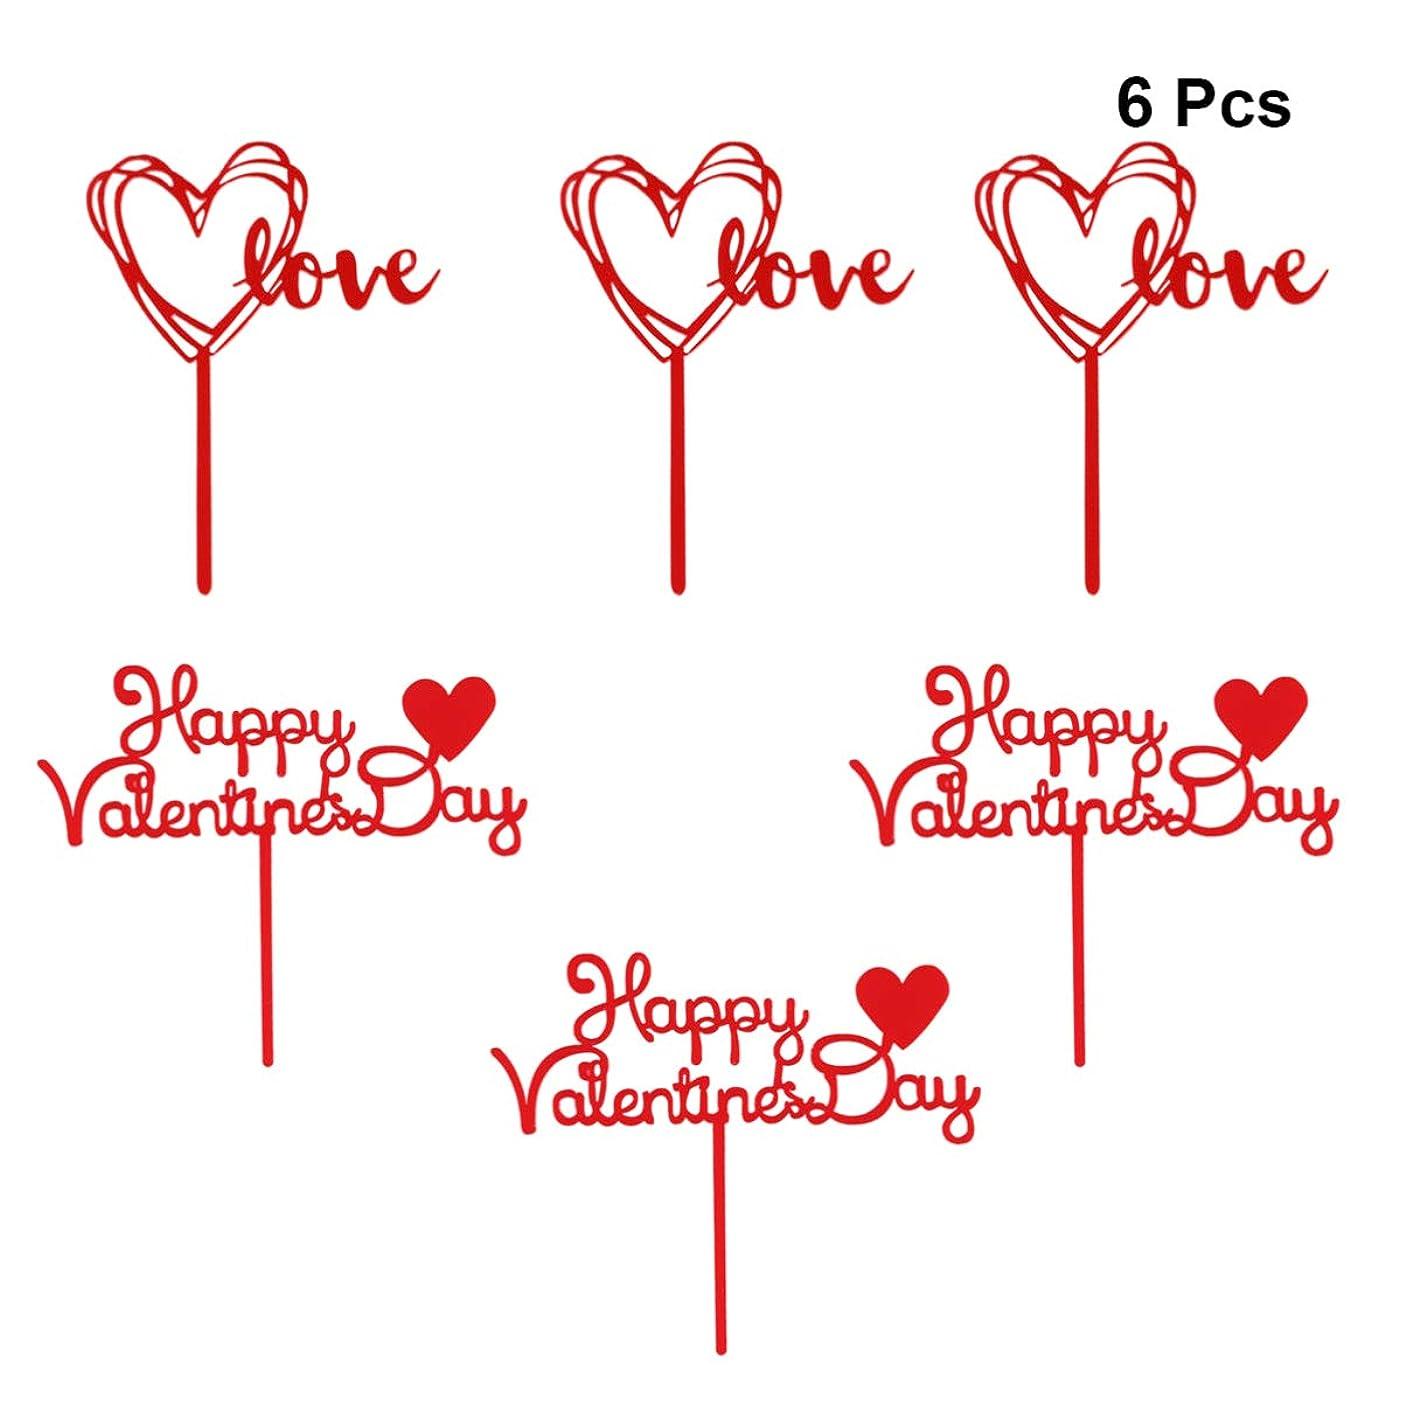 妻圧縮する毛皮Amosfun 6ピースバレンタインデーケーキトッパーハッピーバレンタインデーアクリルラブケーキトッパーケーキデコレーションパーティー用品カップケーキ装飾用ホームパーティーフェスティバル